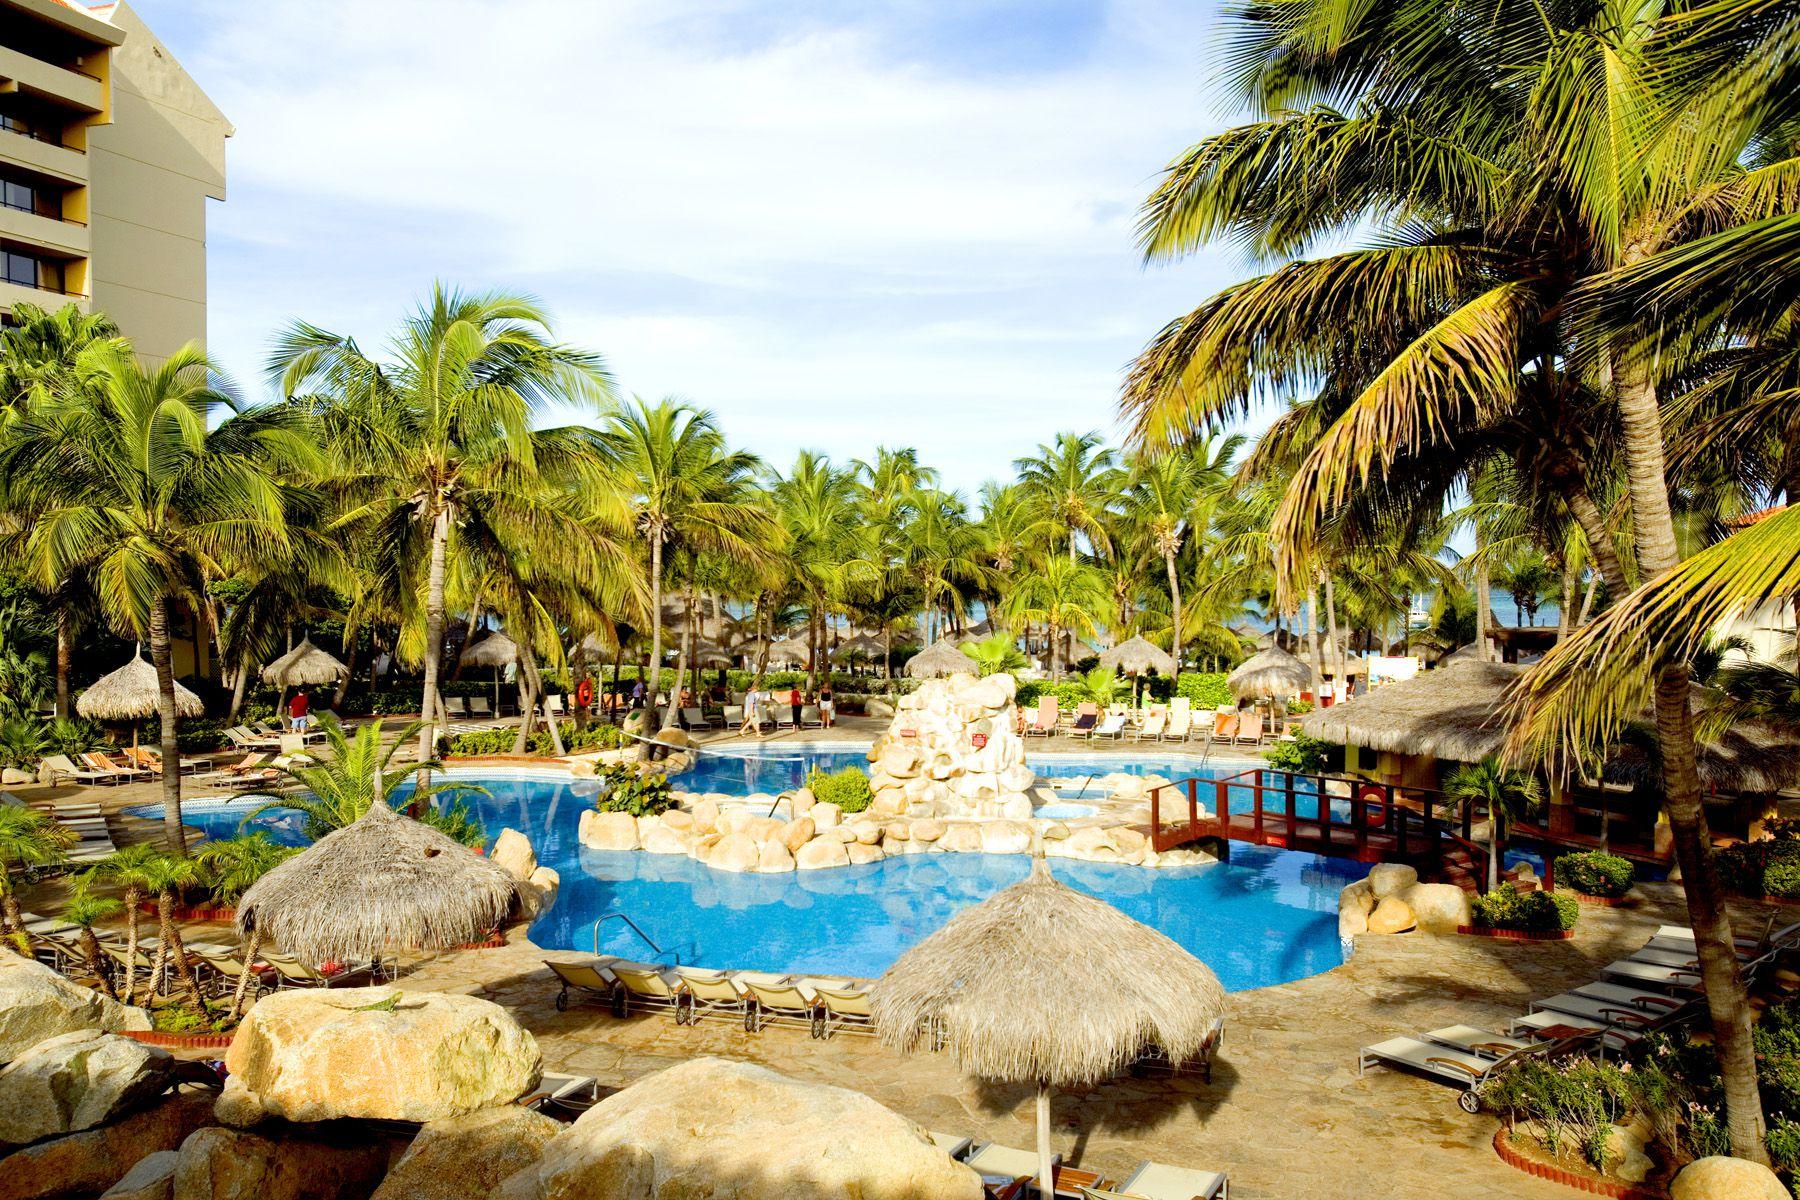 The Top AllInclusive Resorts In Aruba - Aruba vacations all inclusive